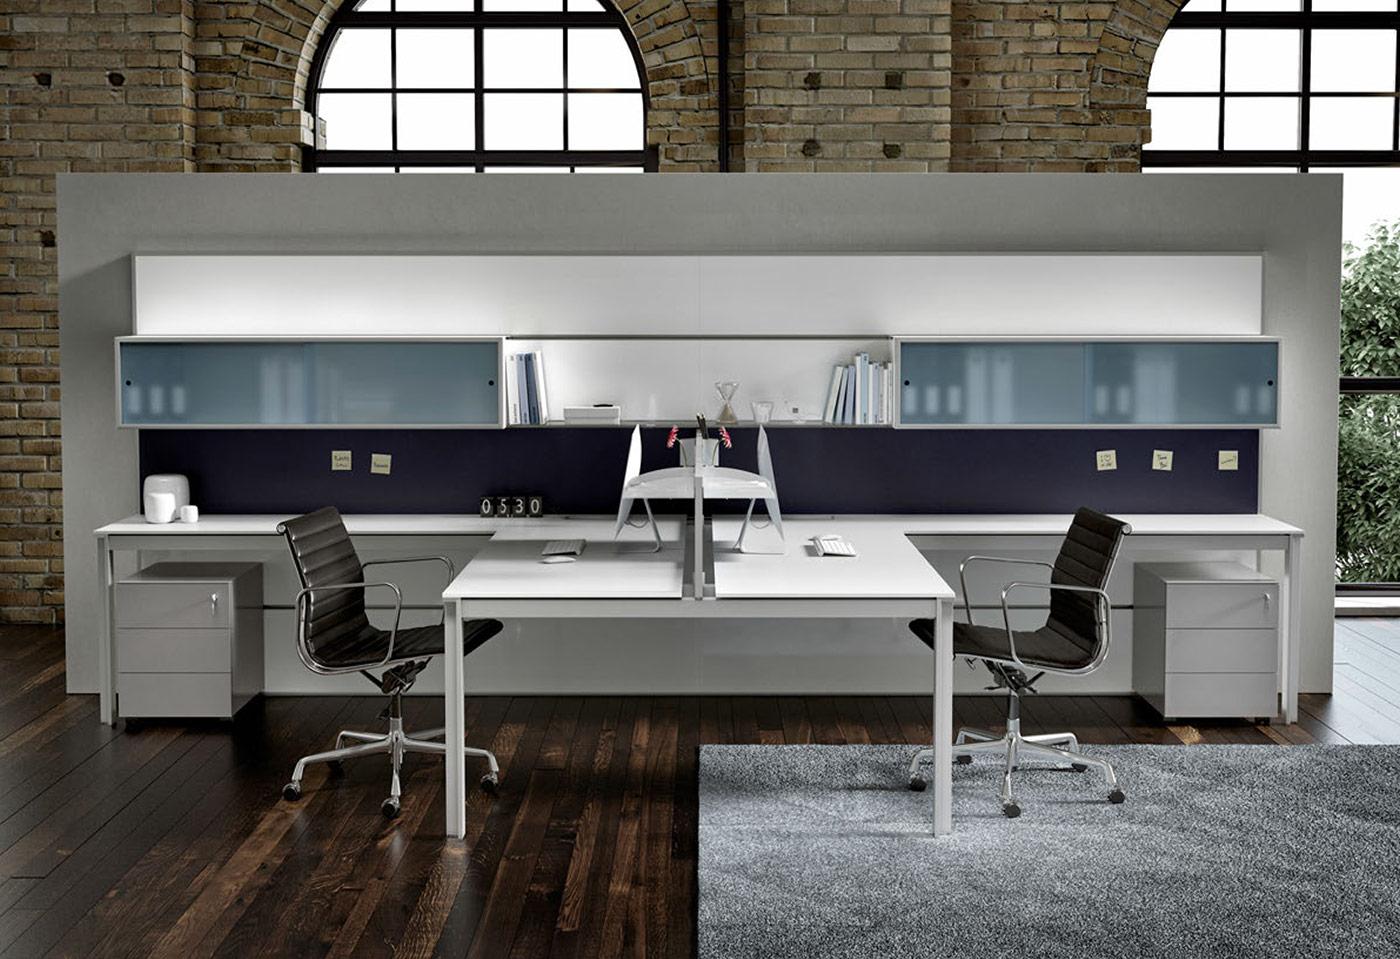 Sismet forniture per ufficio e progettazione ambienti di for Forniture per ufficio